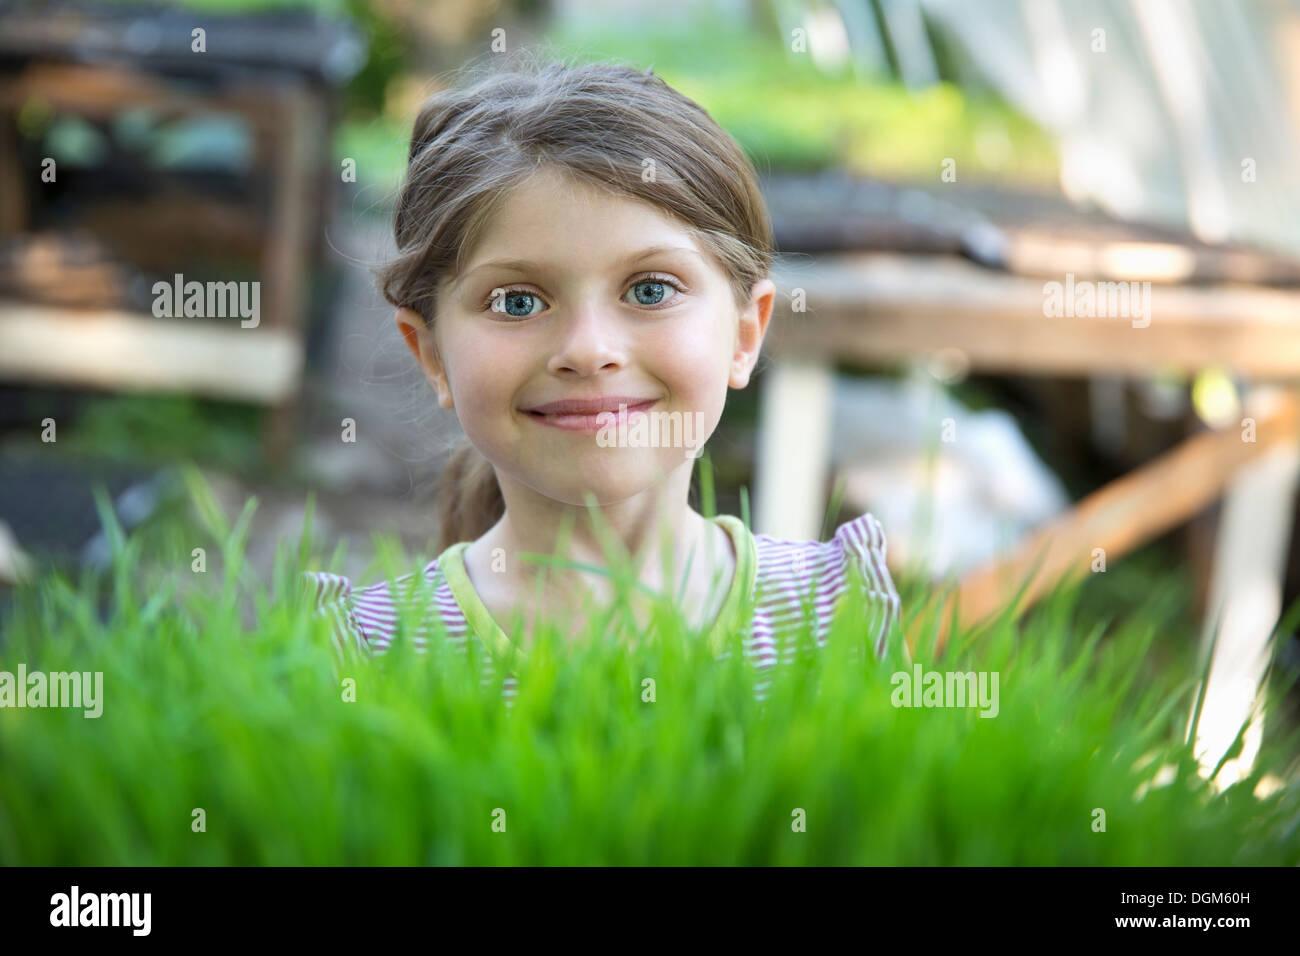 En la granja. Una niña sonriente permanente por una banqueta glasshouse mirando por encima de los brotes de plantas que crecen en las bandejas. Foto de stock